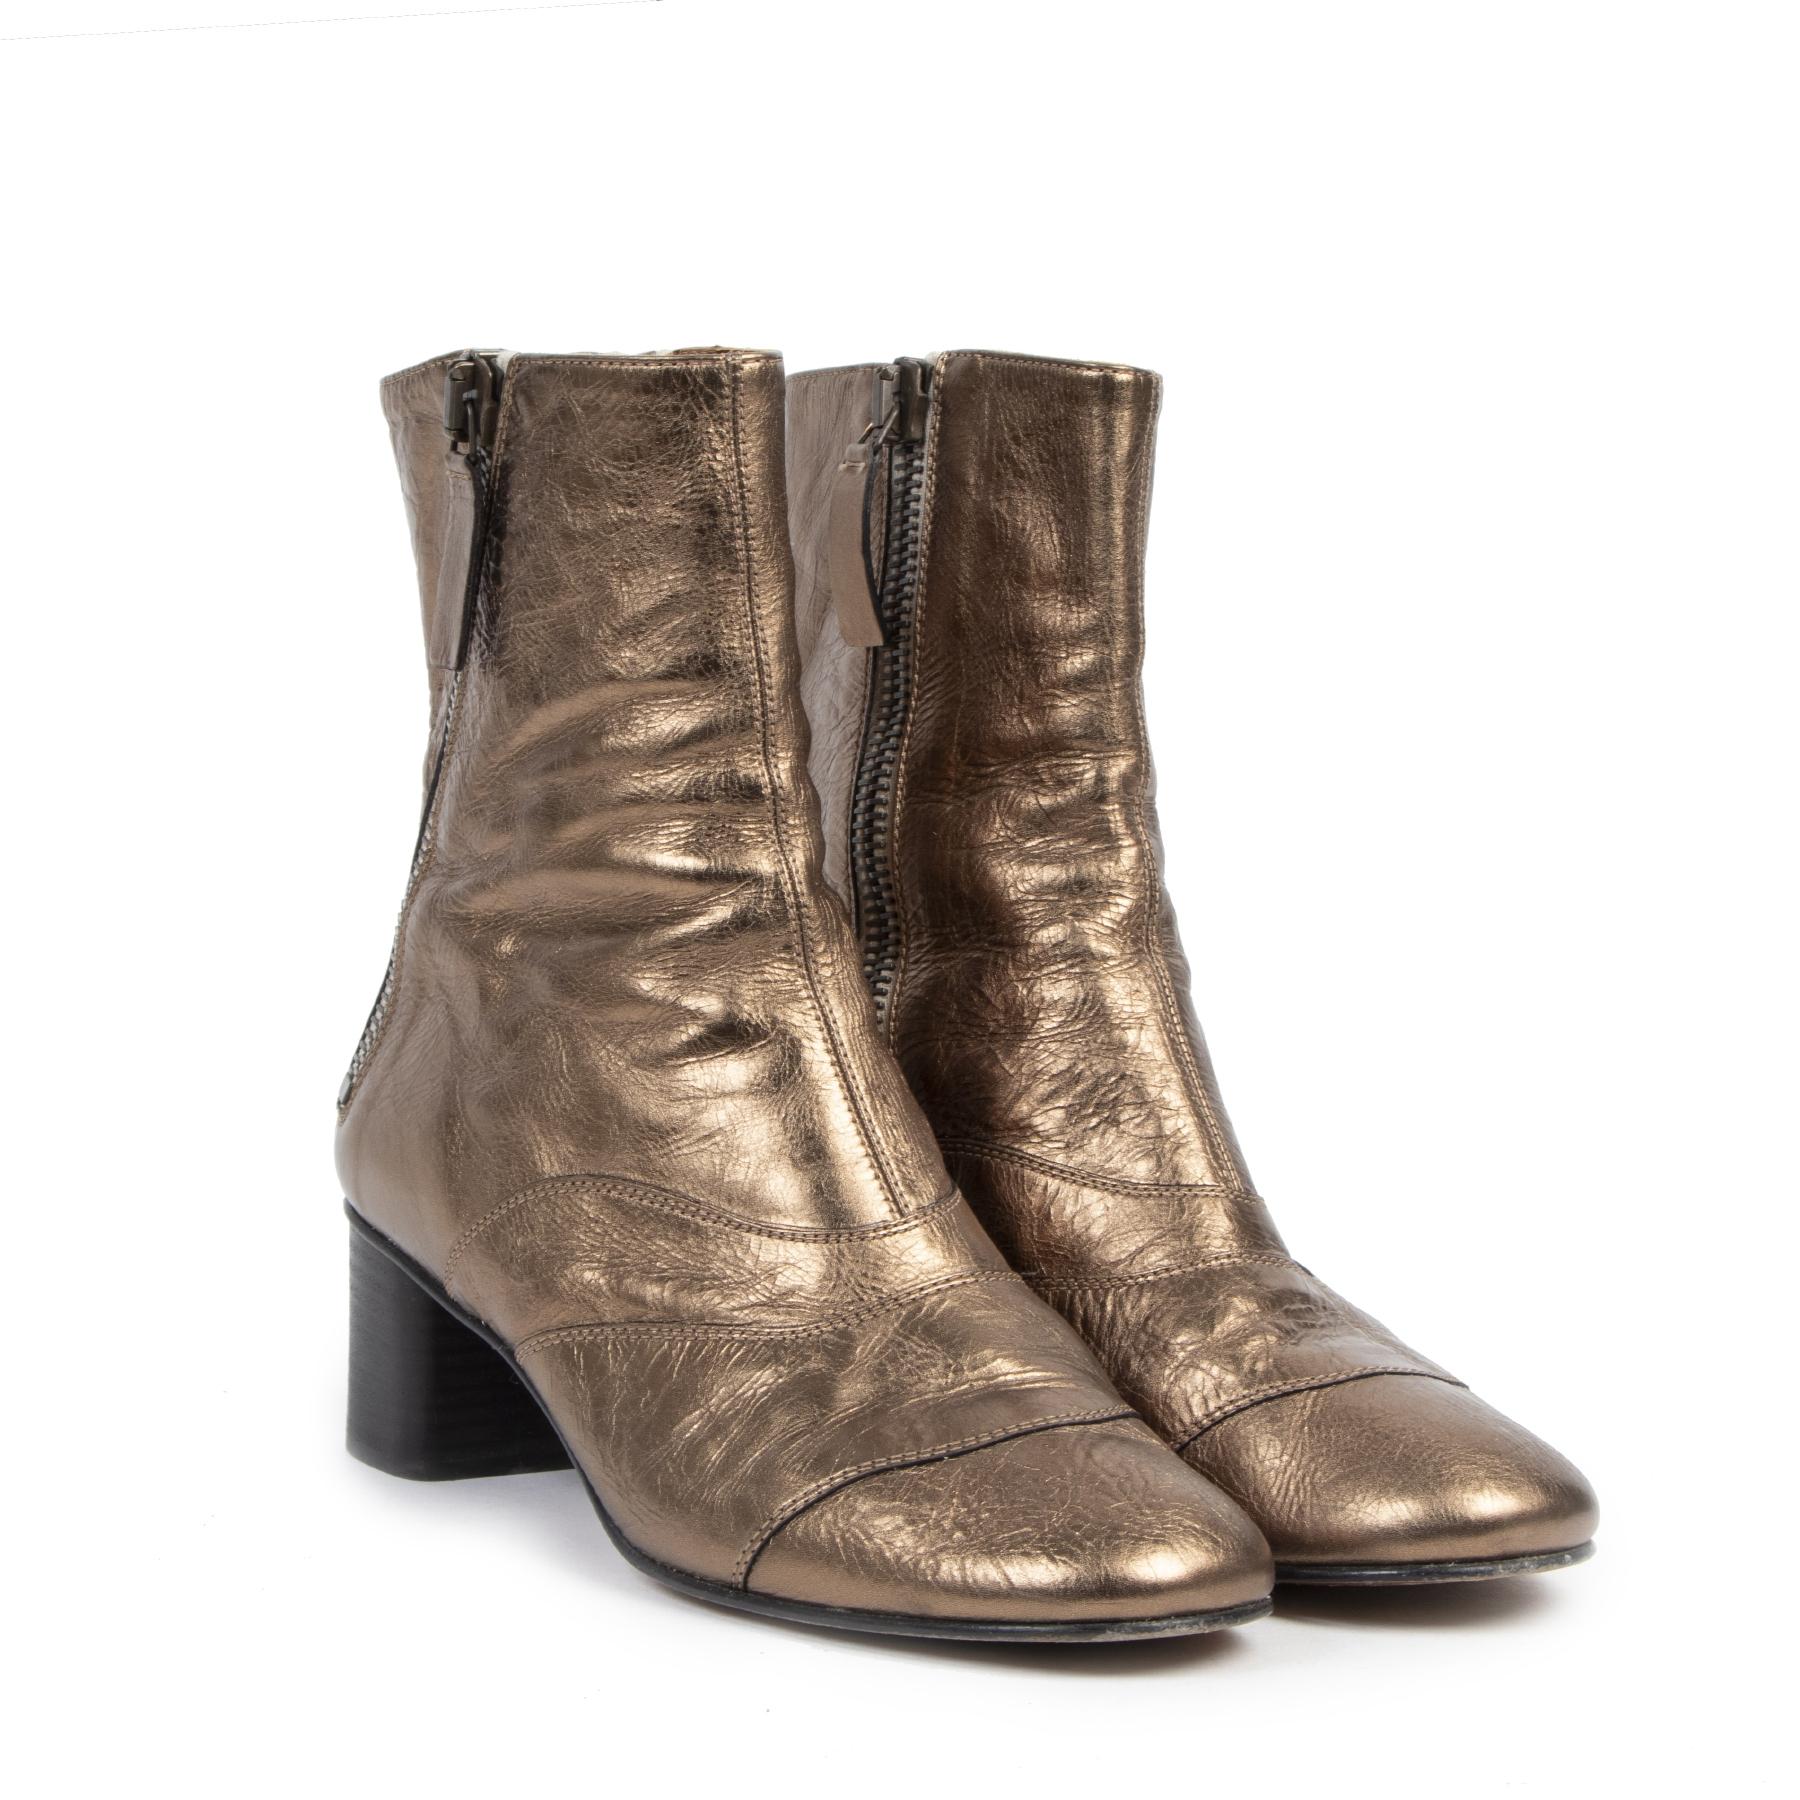 Authentique seconde-main vintage Chloé Bronze Lexie Ankle Boots - Size 39 achète en ligne webshop LabelLOV